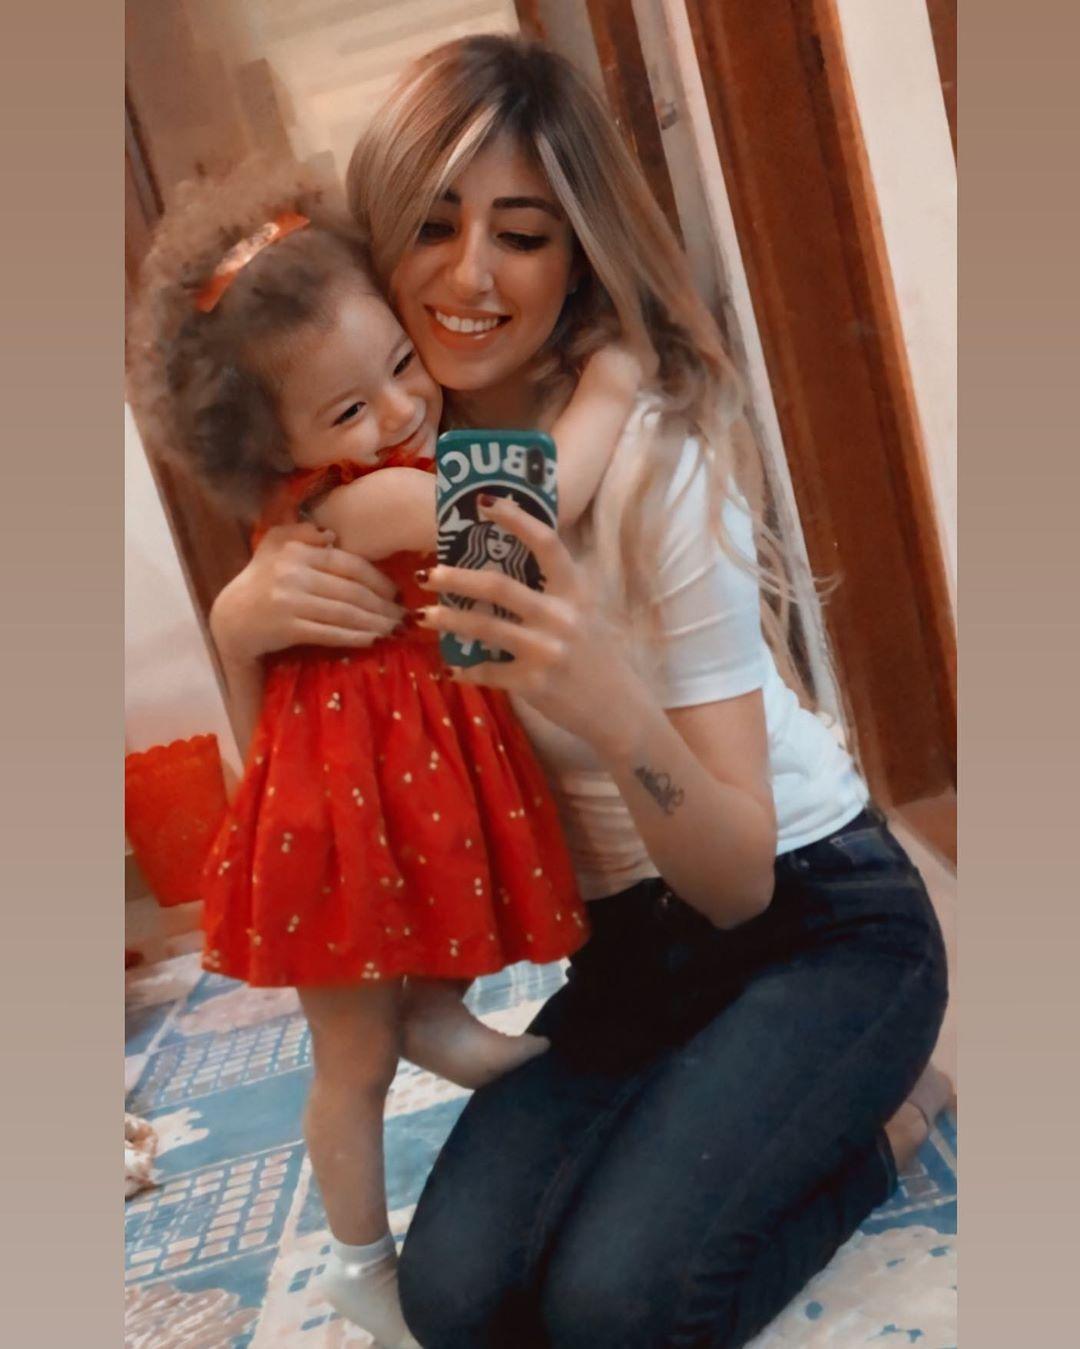 علي ربيع وزوجته يحتفلان بعيد ميلاد ابنتهما الوحيدة مليكة، والشبه بينها وبين والدها لا يصدق